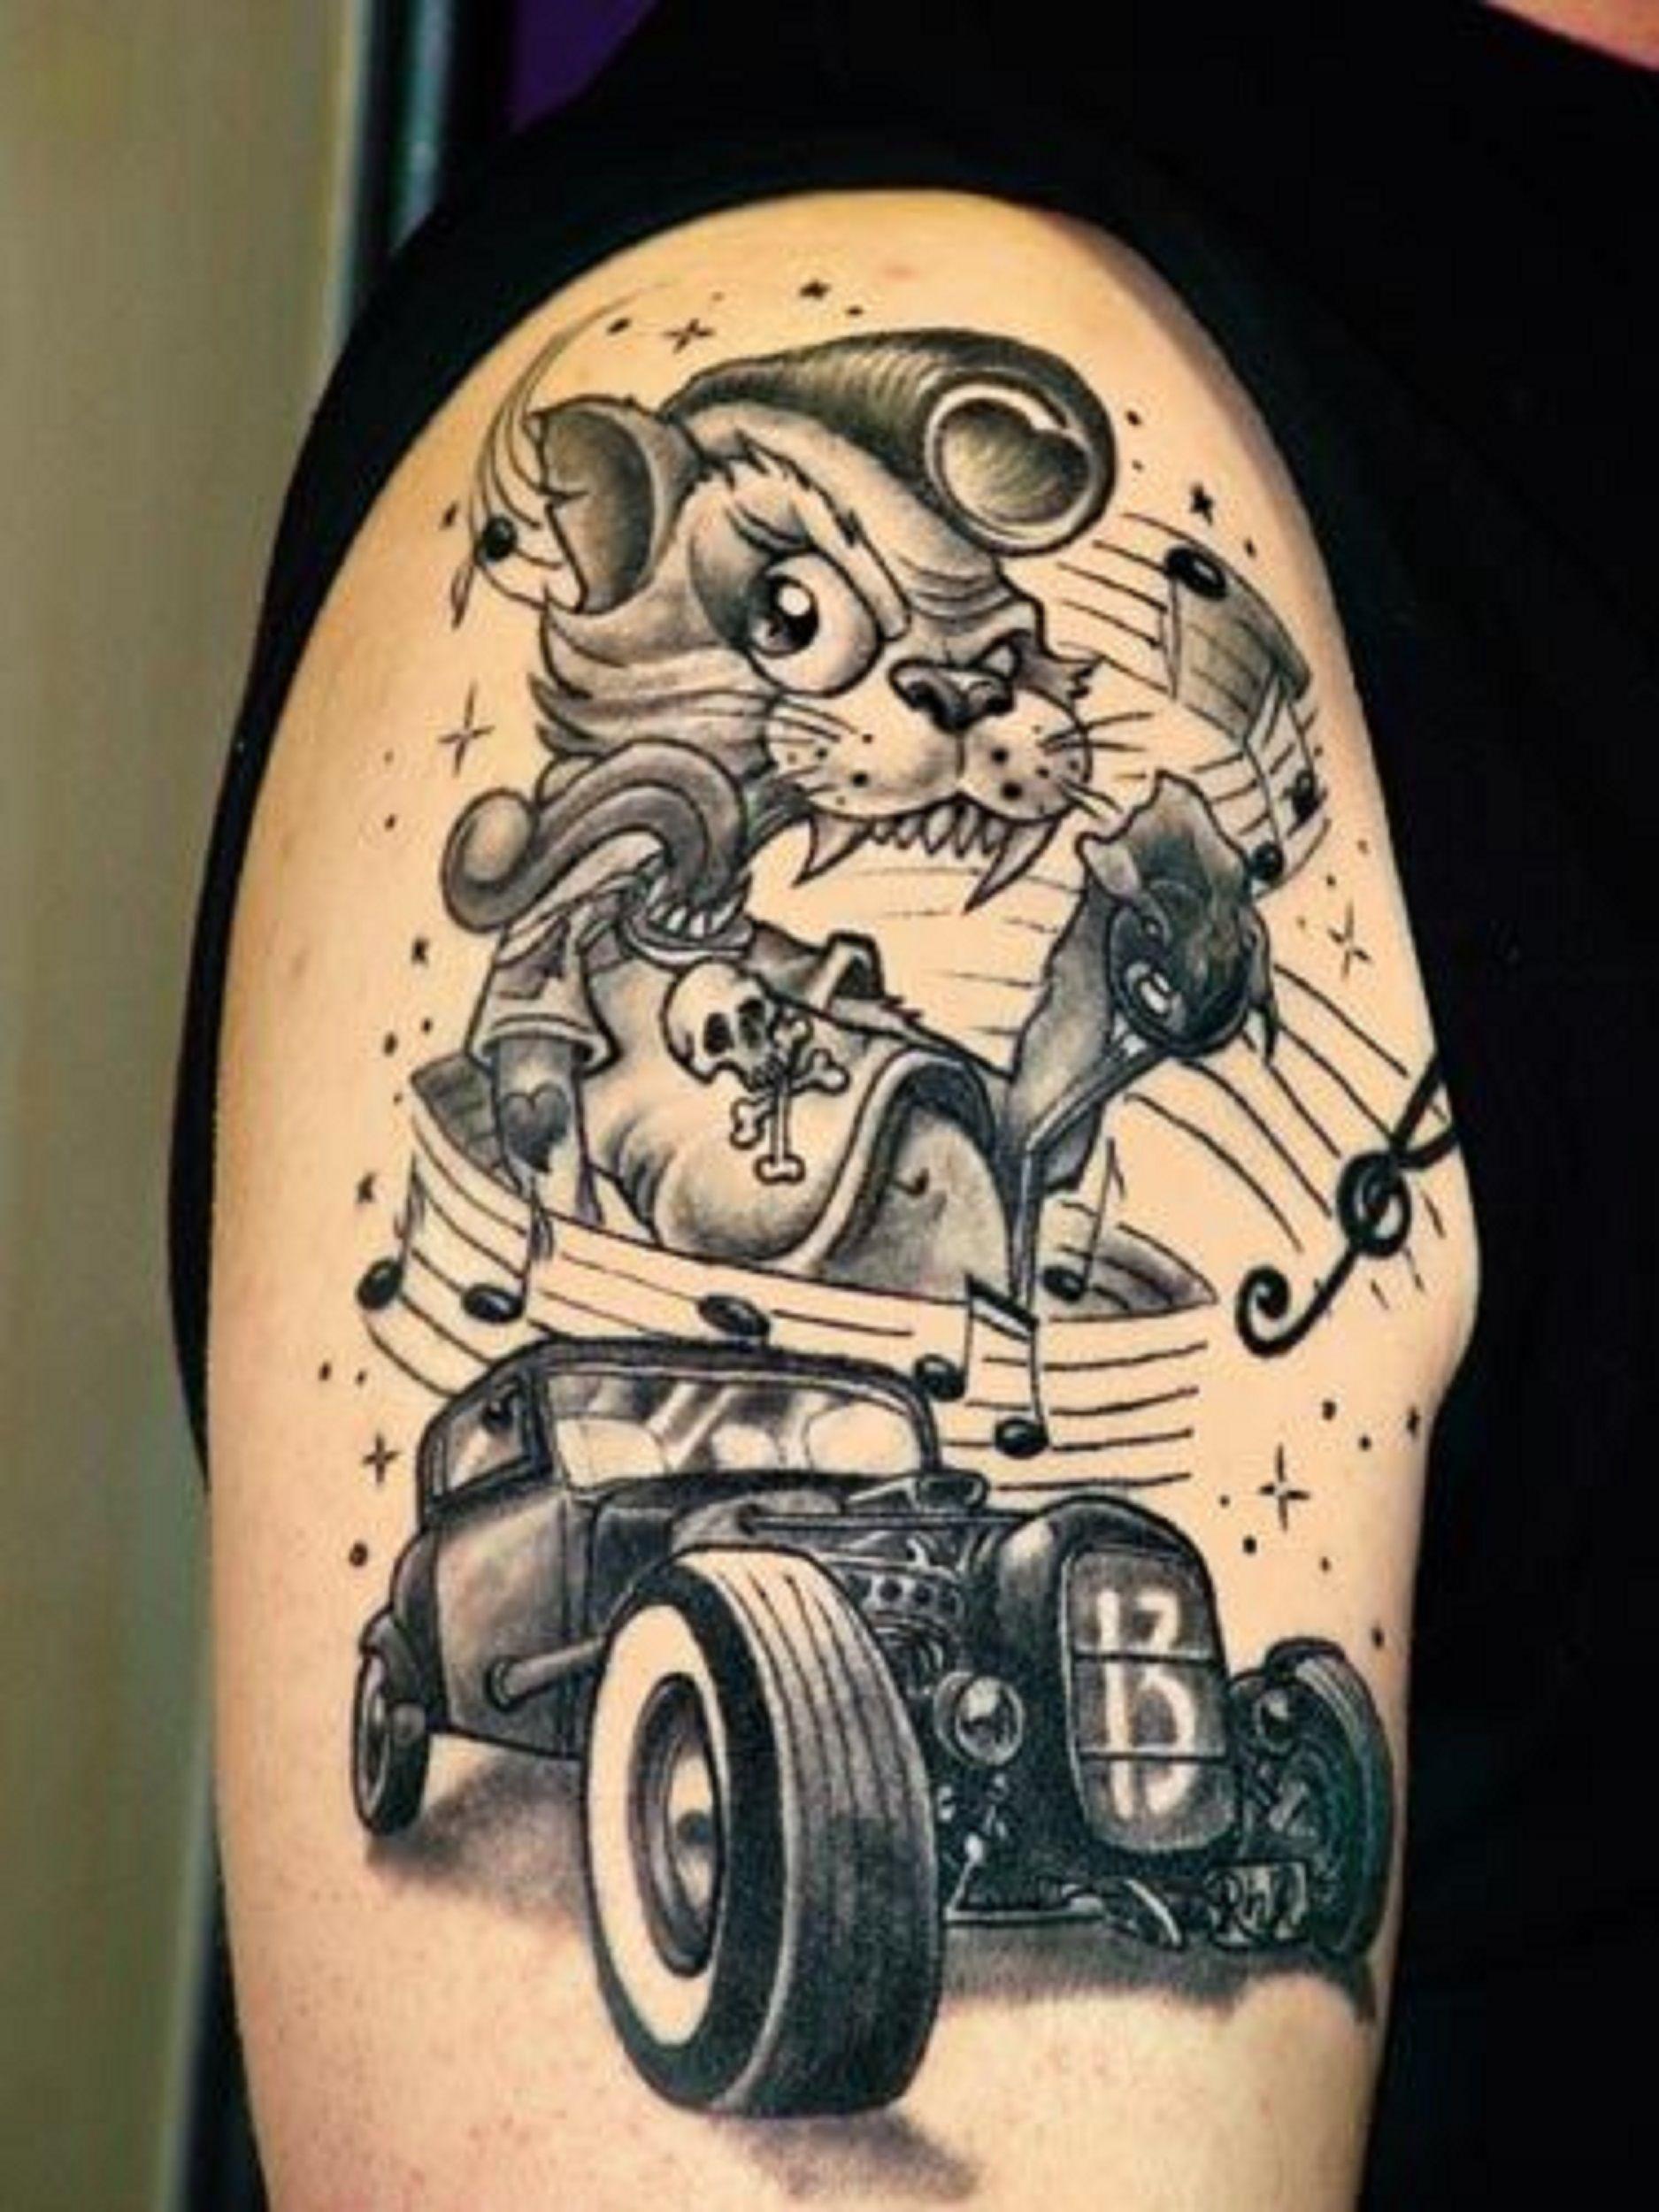 Rockabilly Cat Tattoo | Inkaholic | Rockabilly tattoos, Tattoos, Body art tattoos